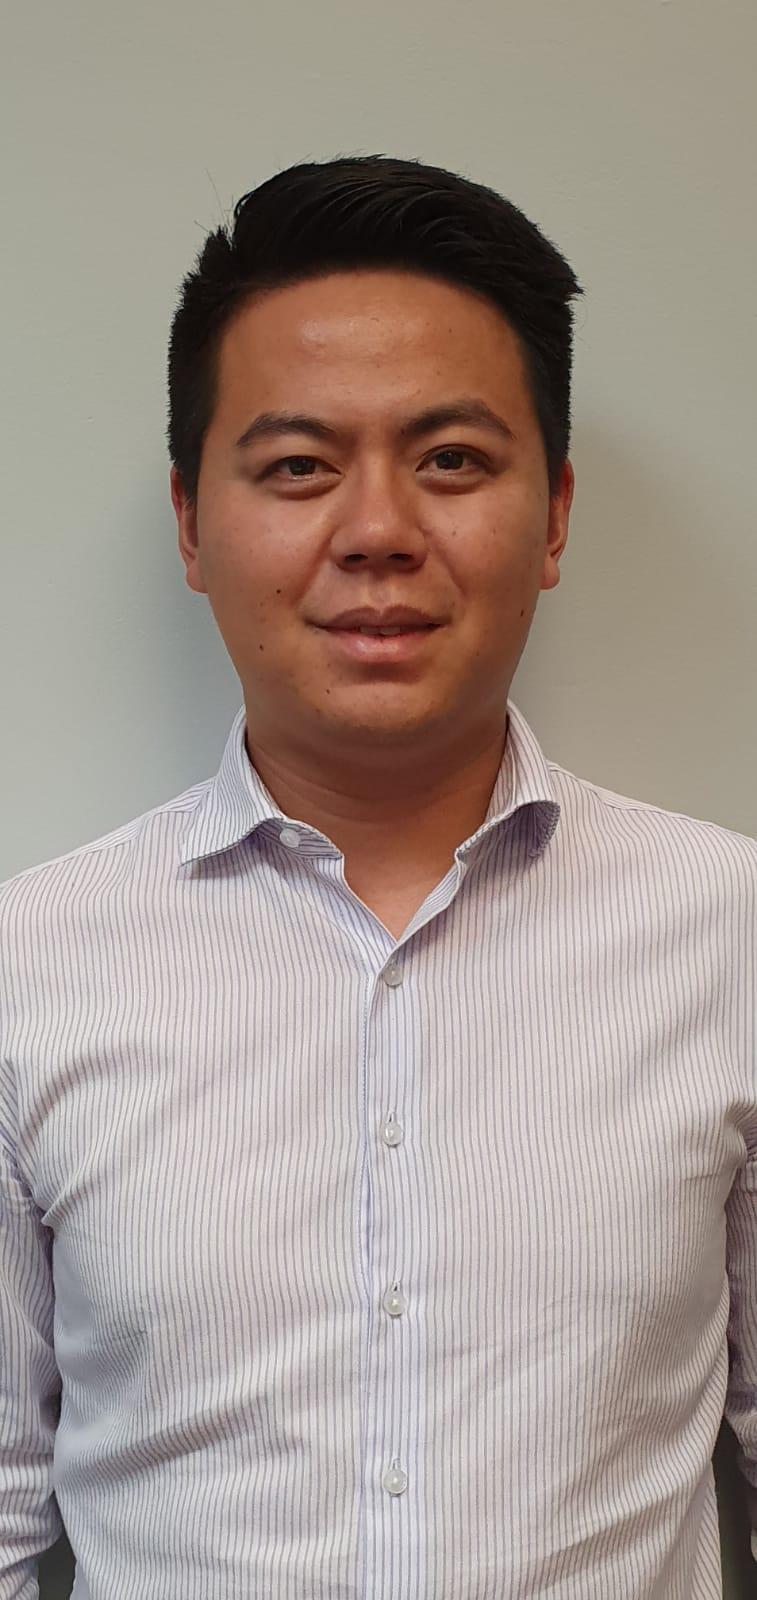 Canon Jianfei Du